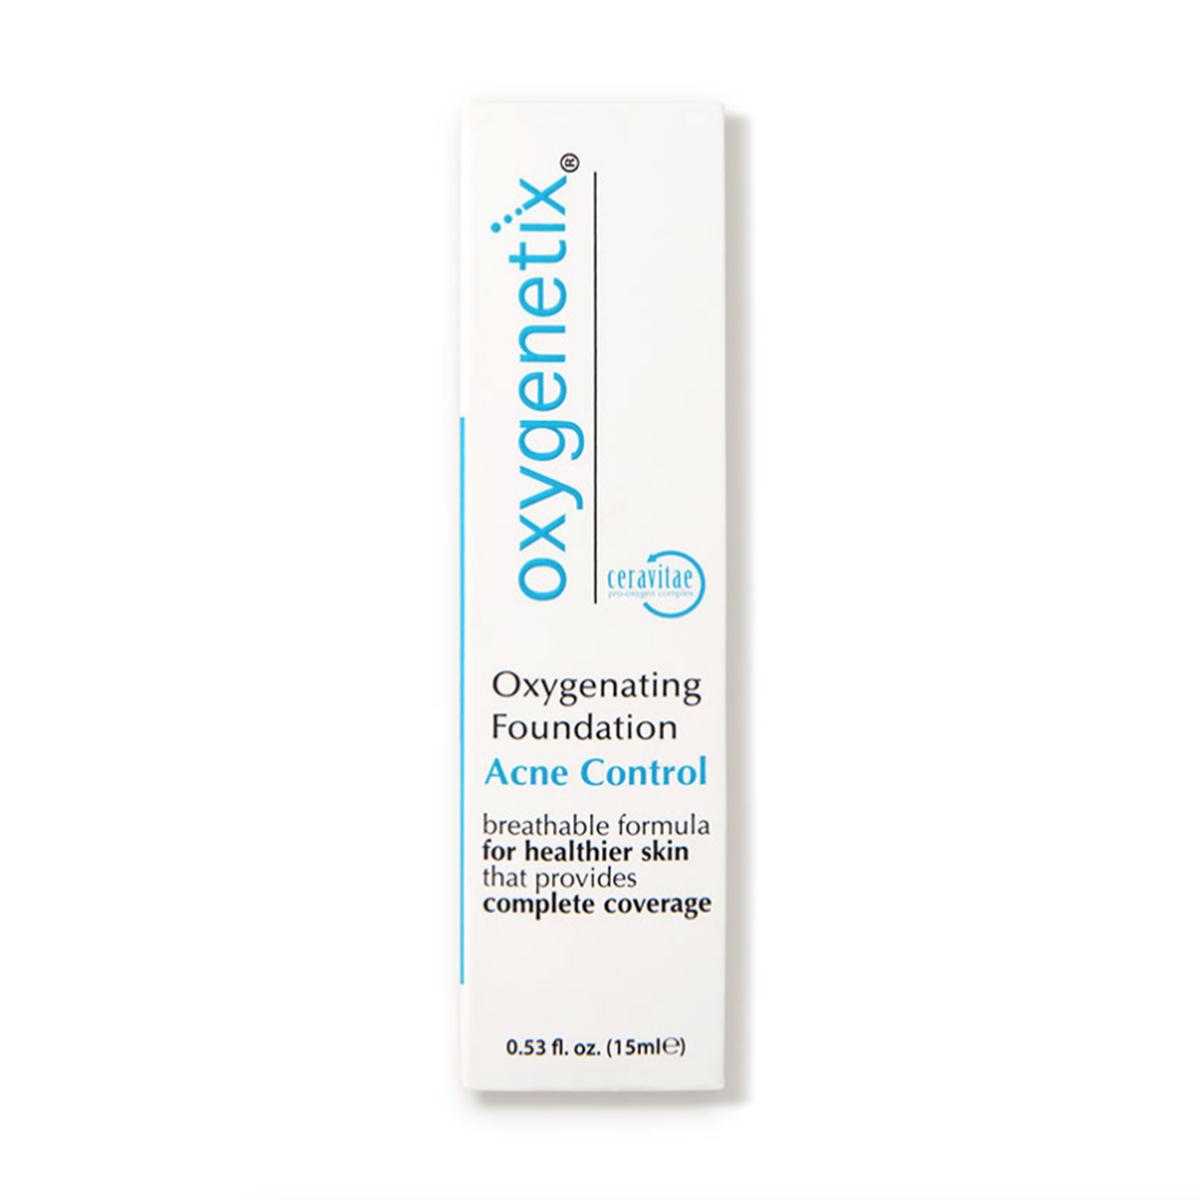 Oxygenetix Foundation box